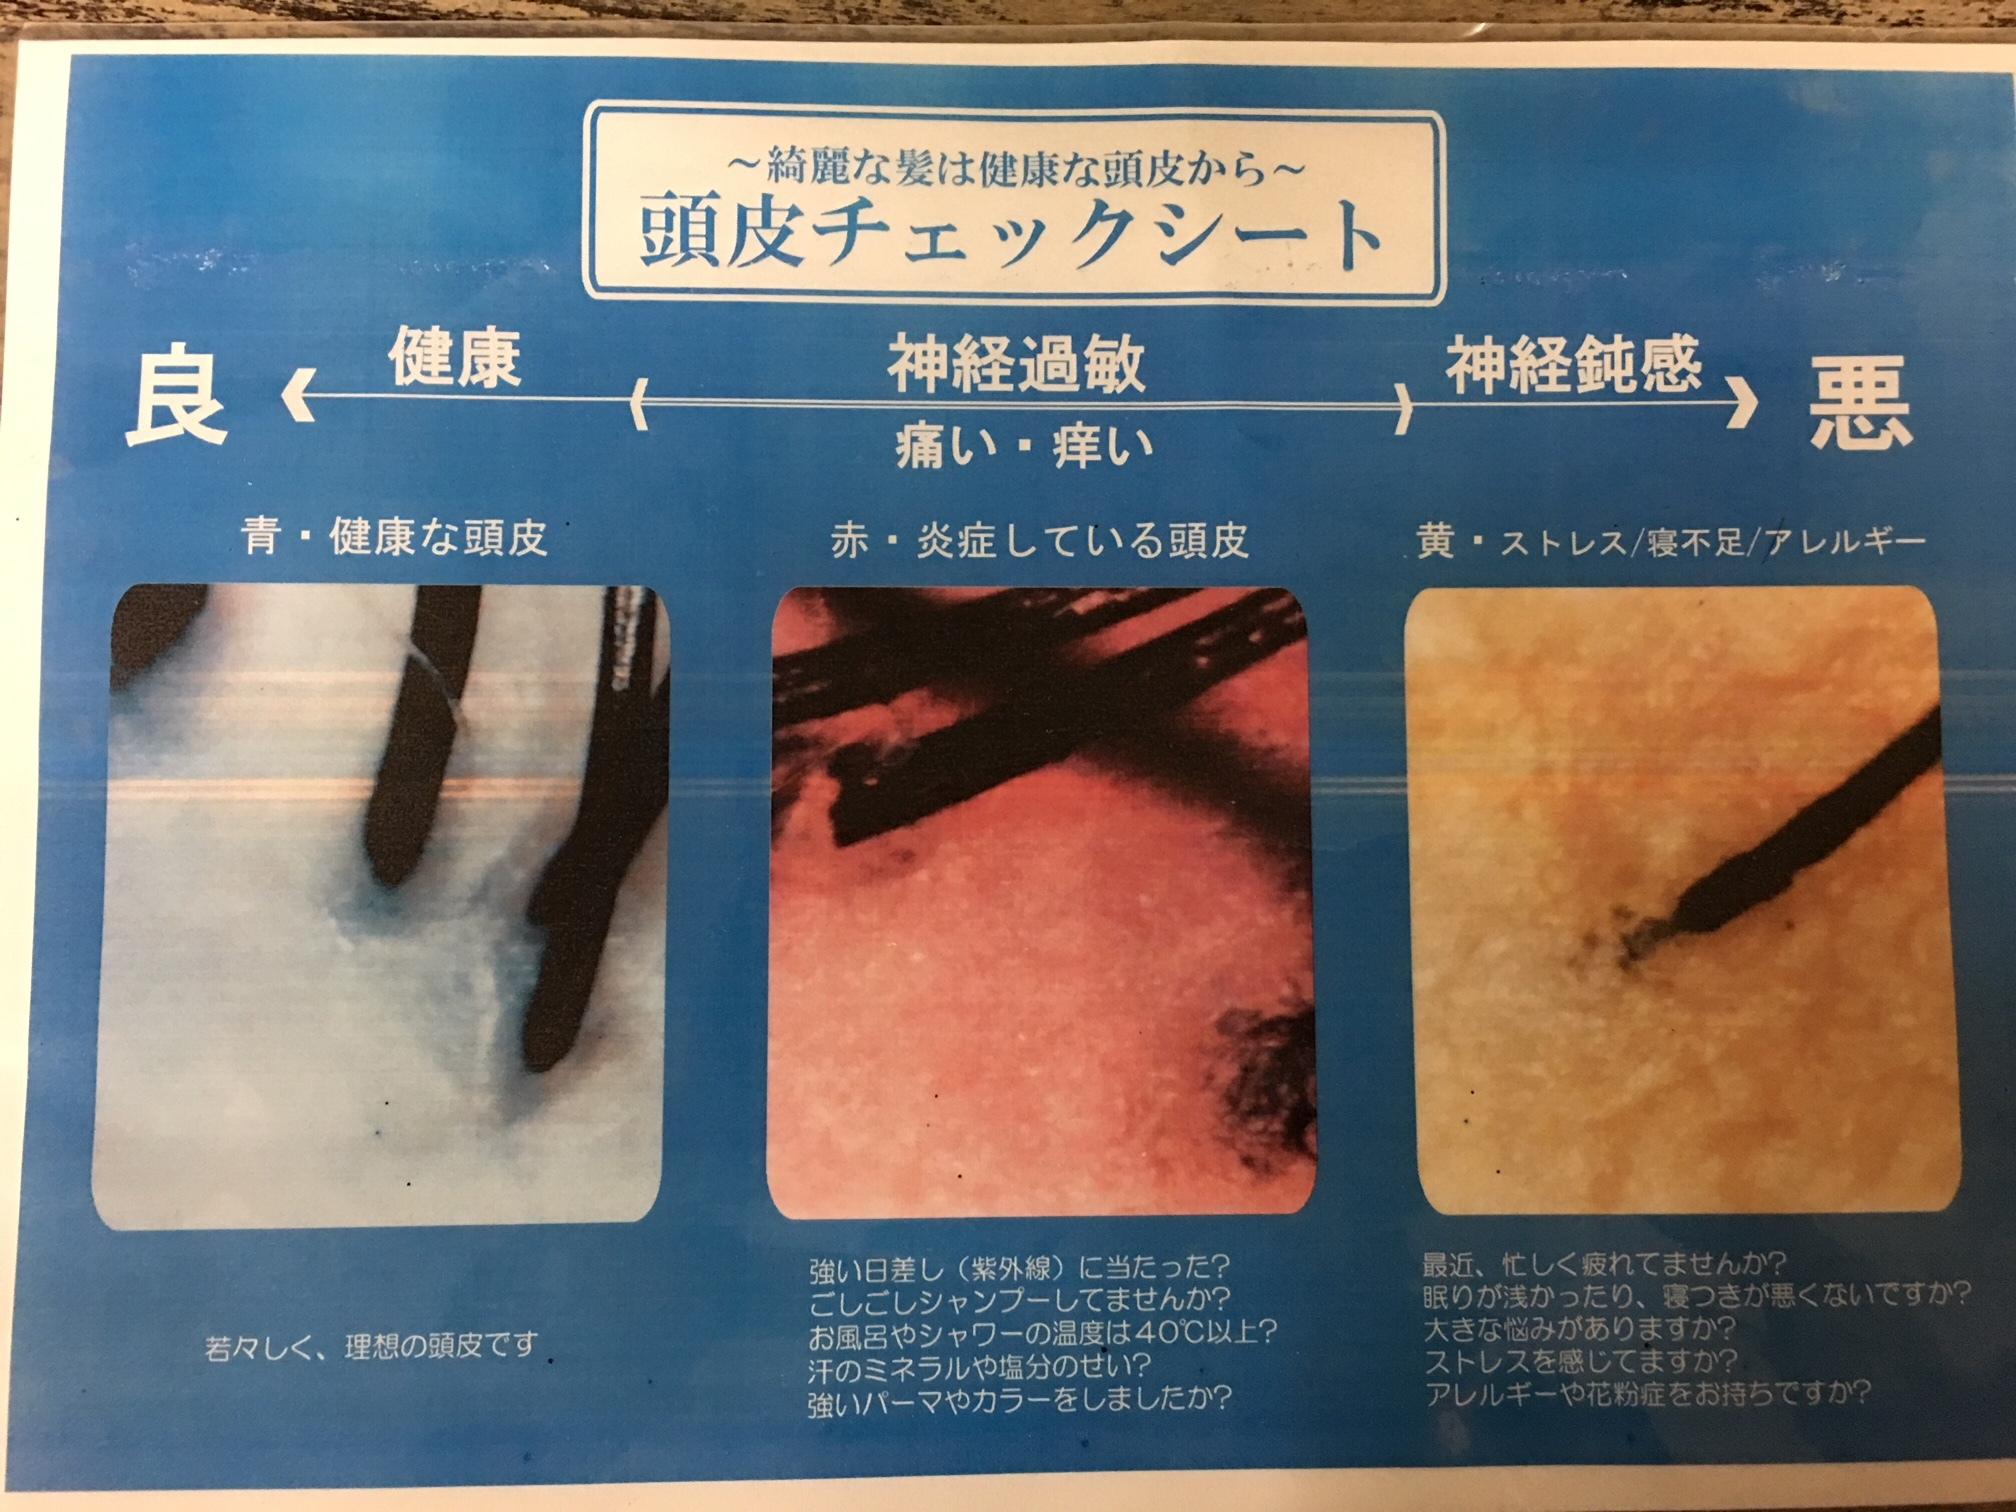 頭皮診断 頭皮チェックシート カウンセリング http://www.ankh-jp.com